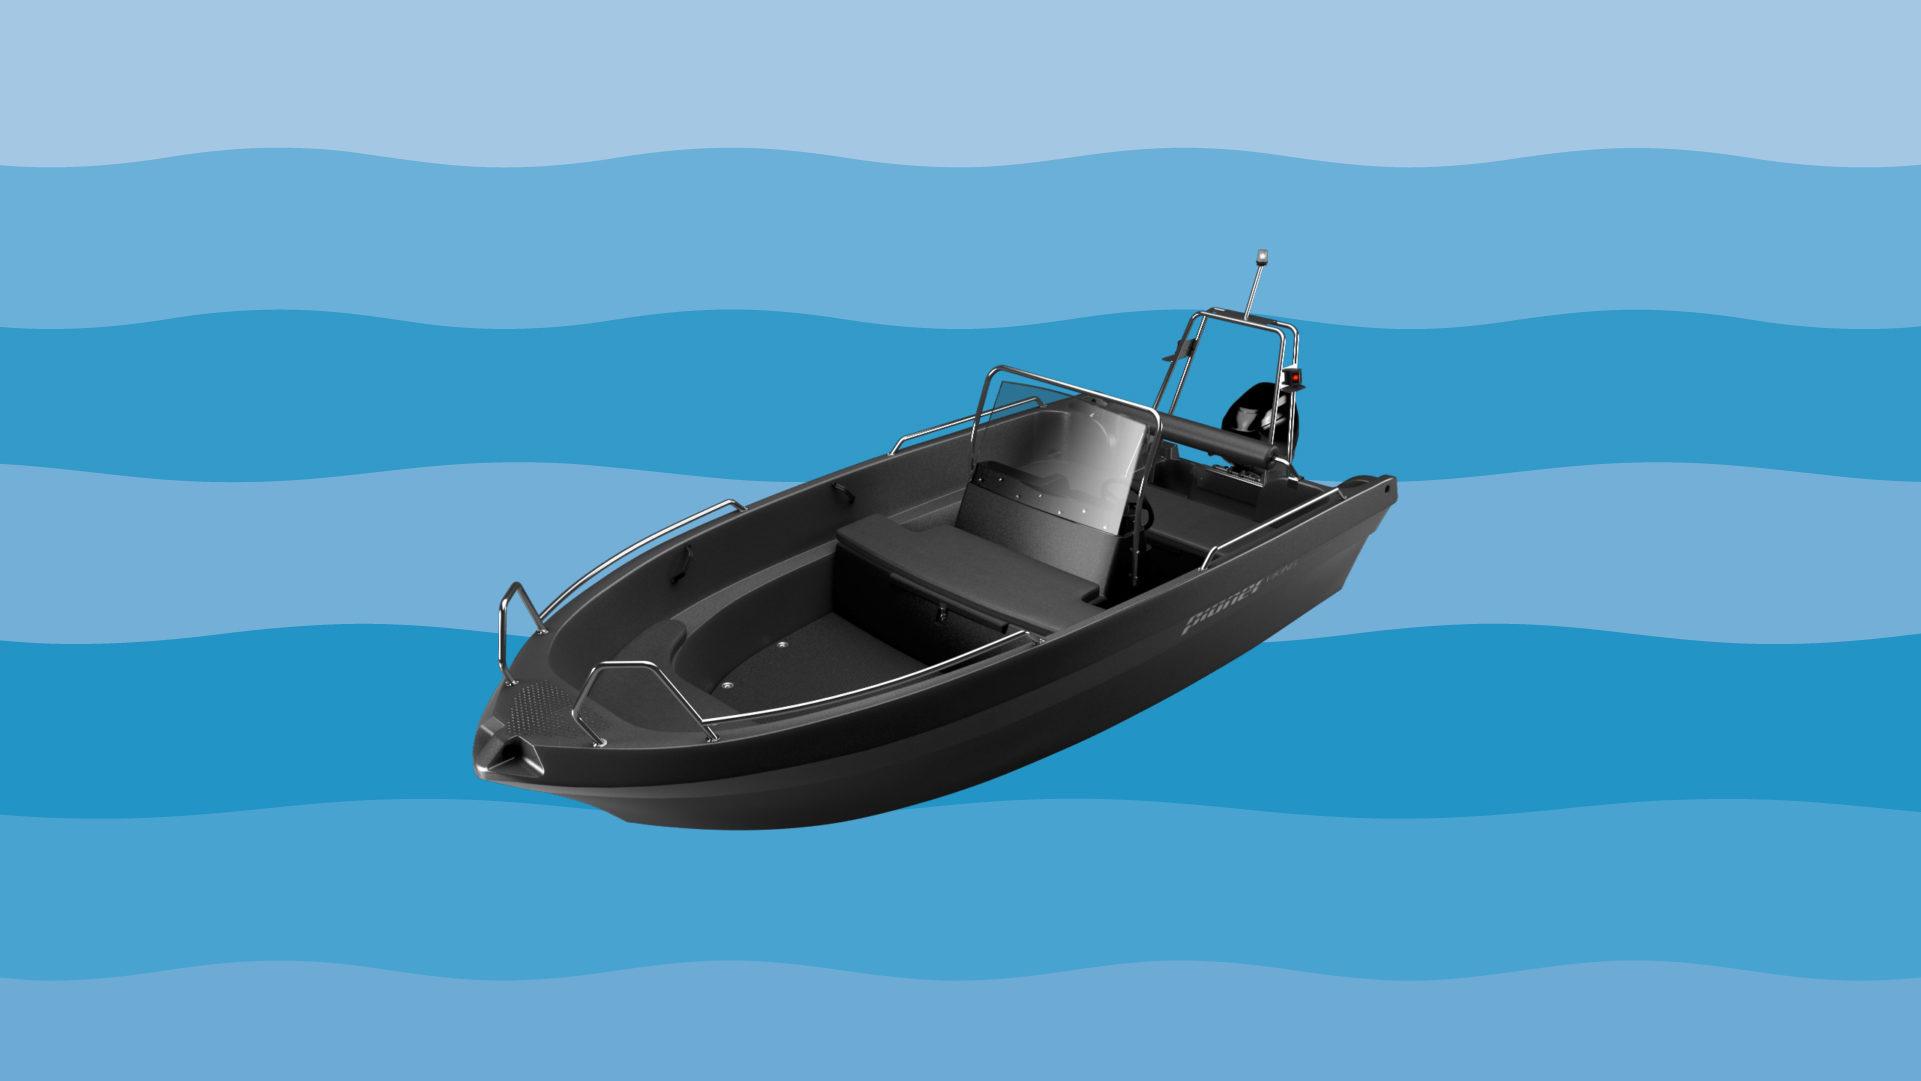 Osta kausiveneoikeus 2021